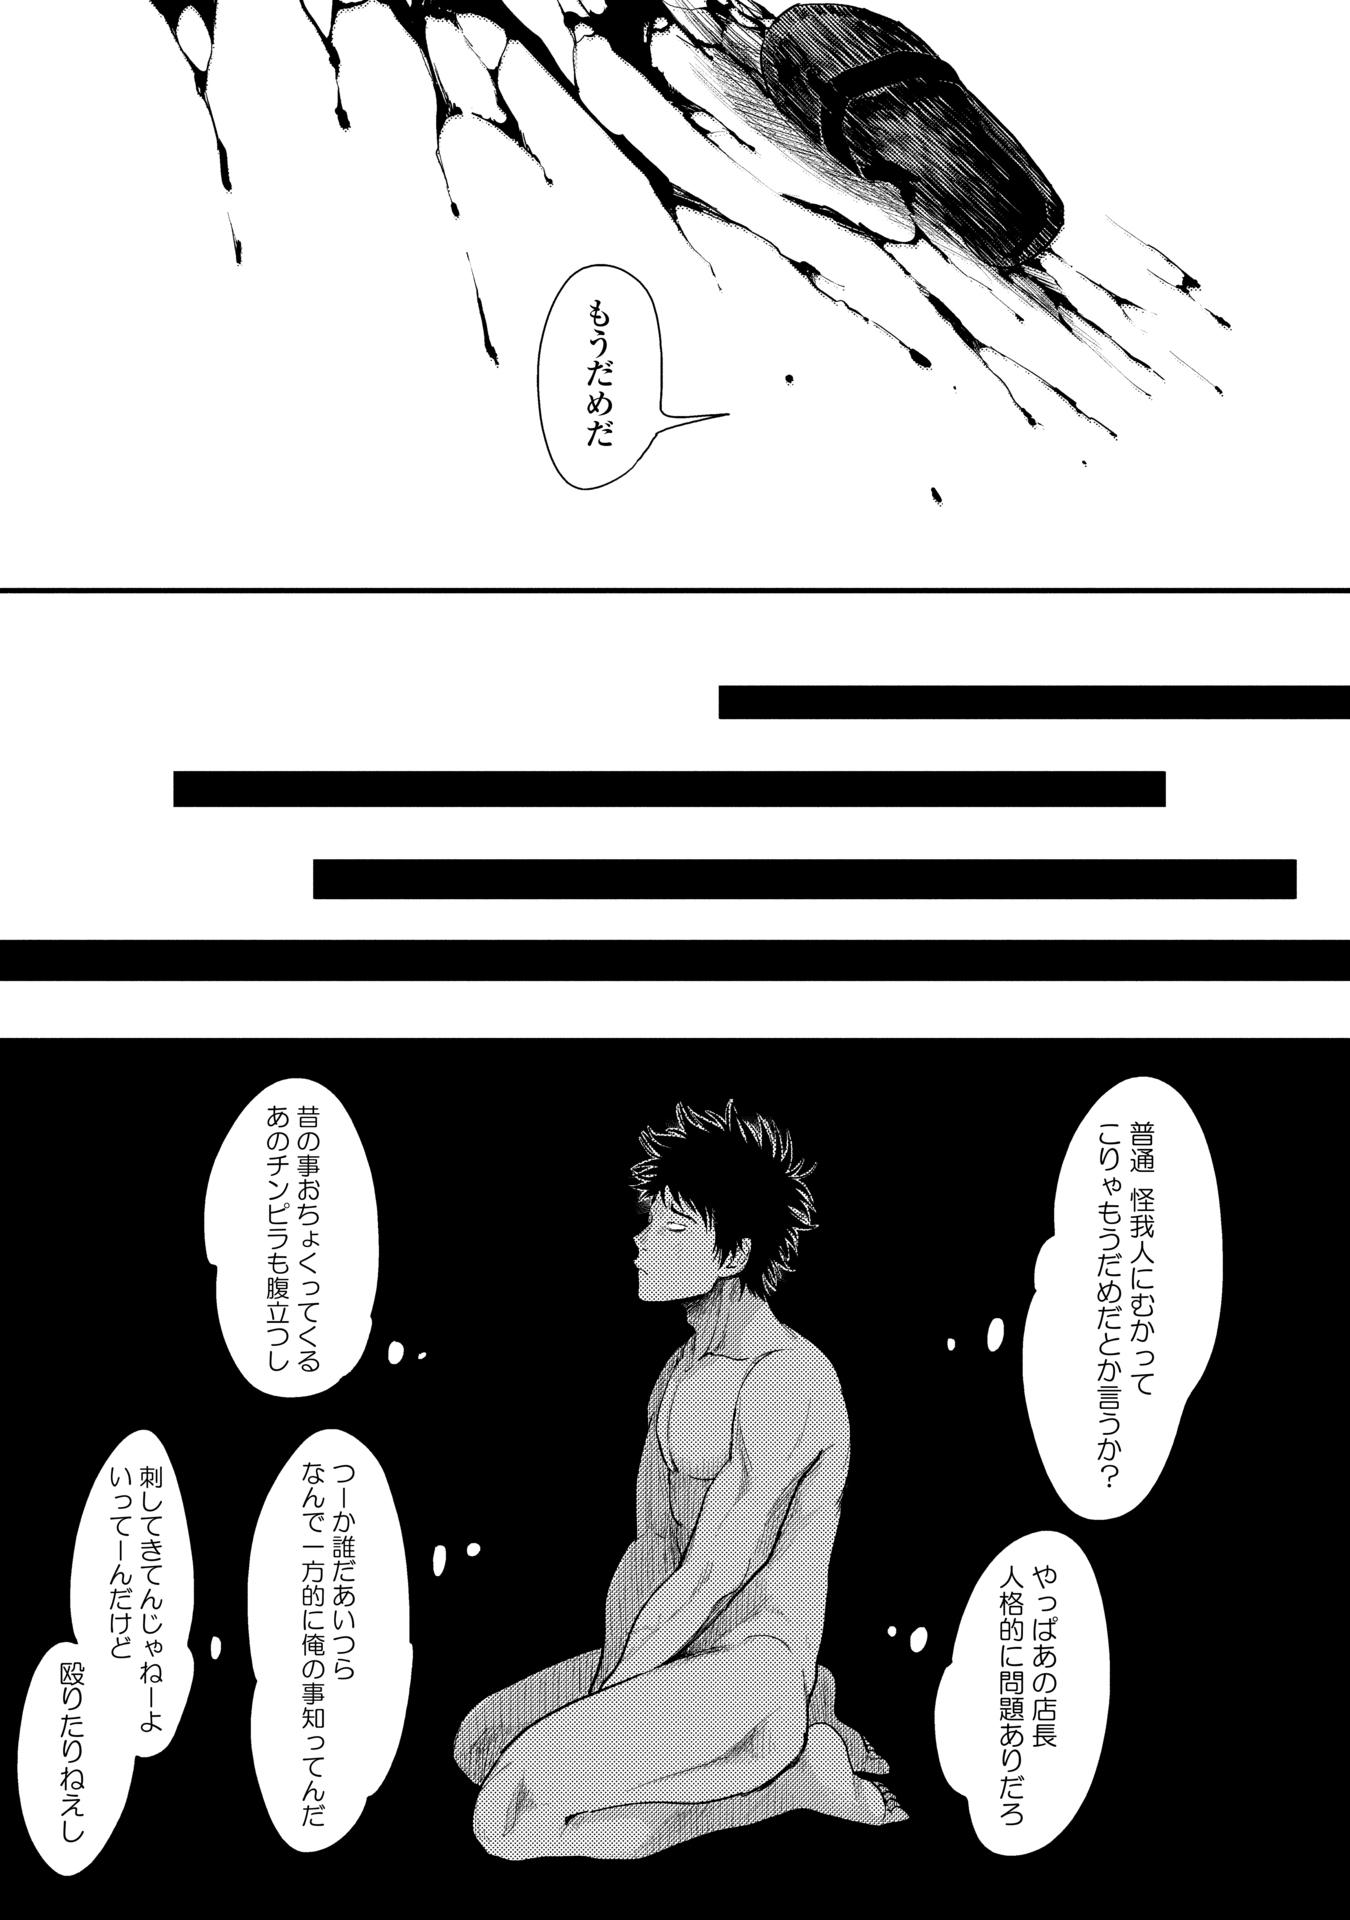 ワンルームエンジェル_019-1.jpg